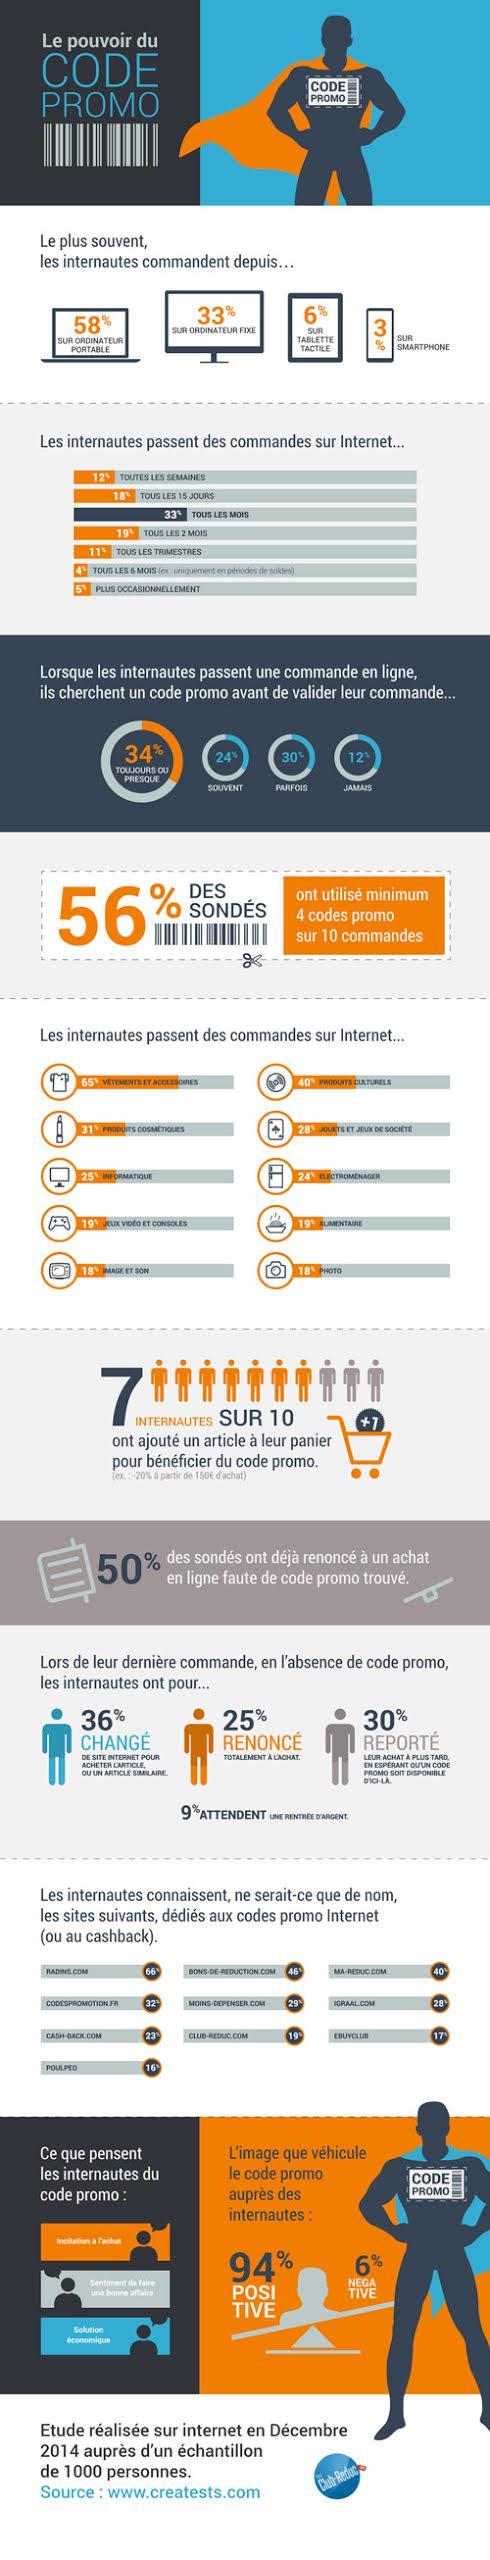 Ou En Est On Sur L Utilisation Des Codes Promo En France Code Promo Infographie E Commerce